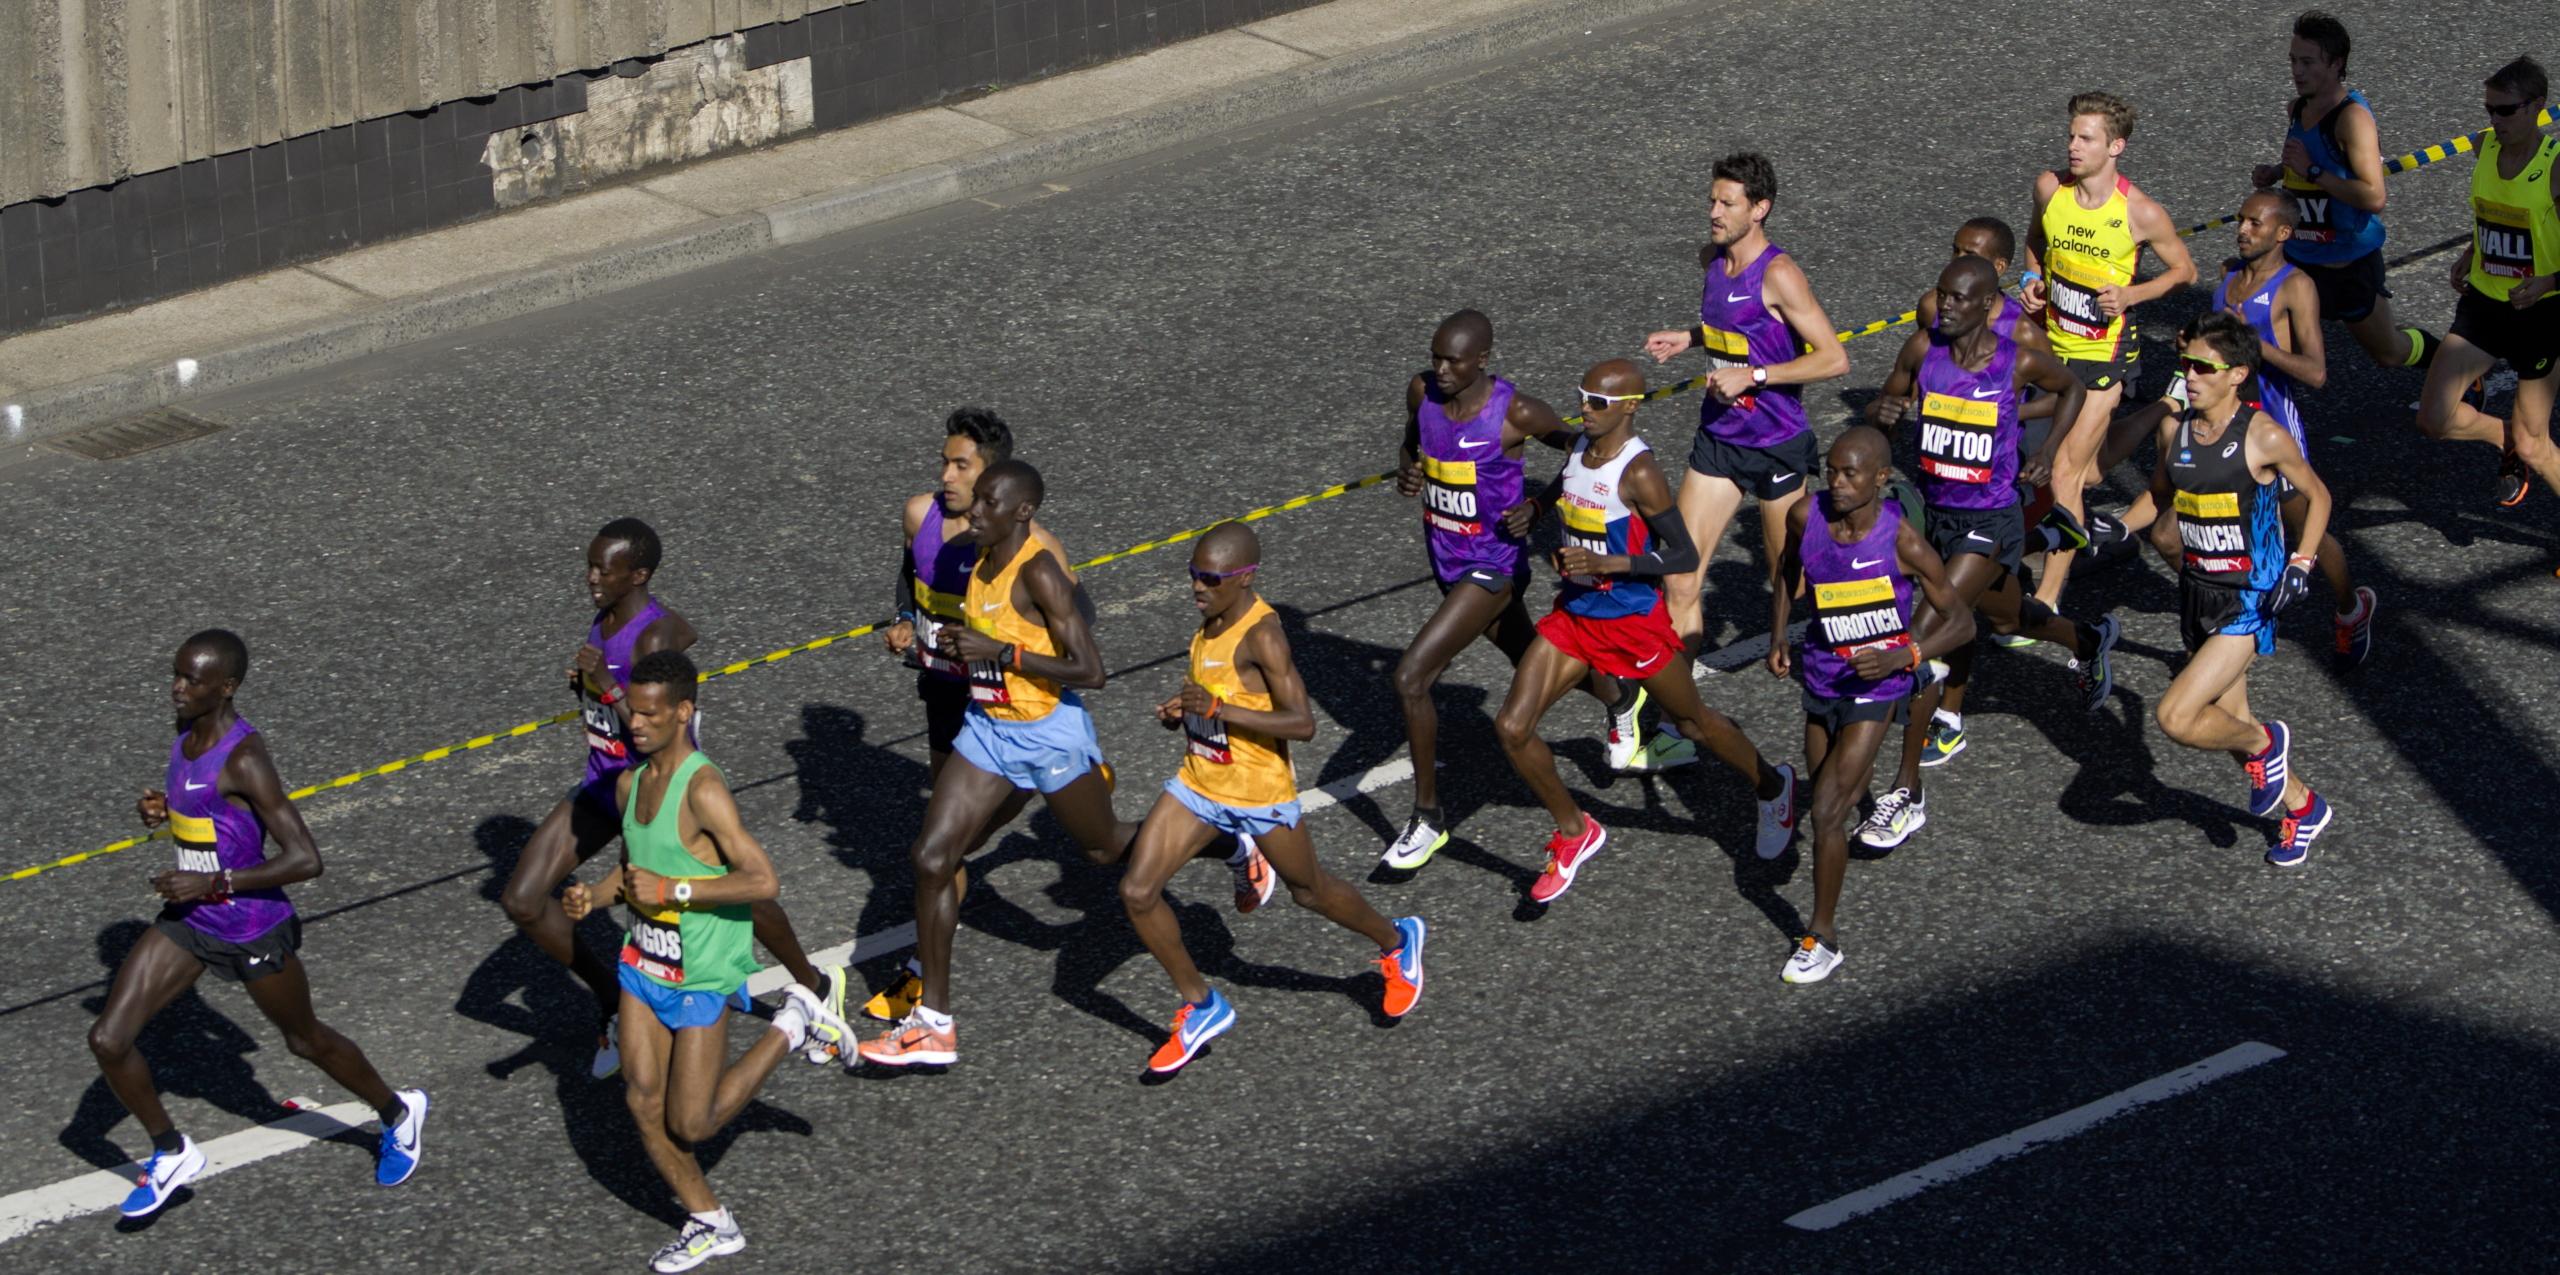 Corredors en una marató de Londres / Piqsels